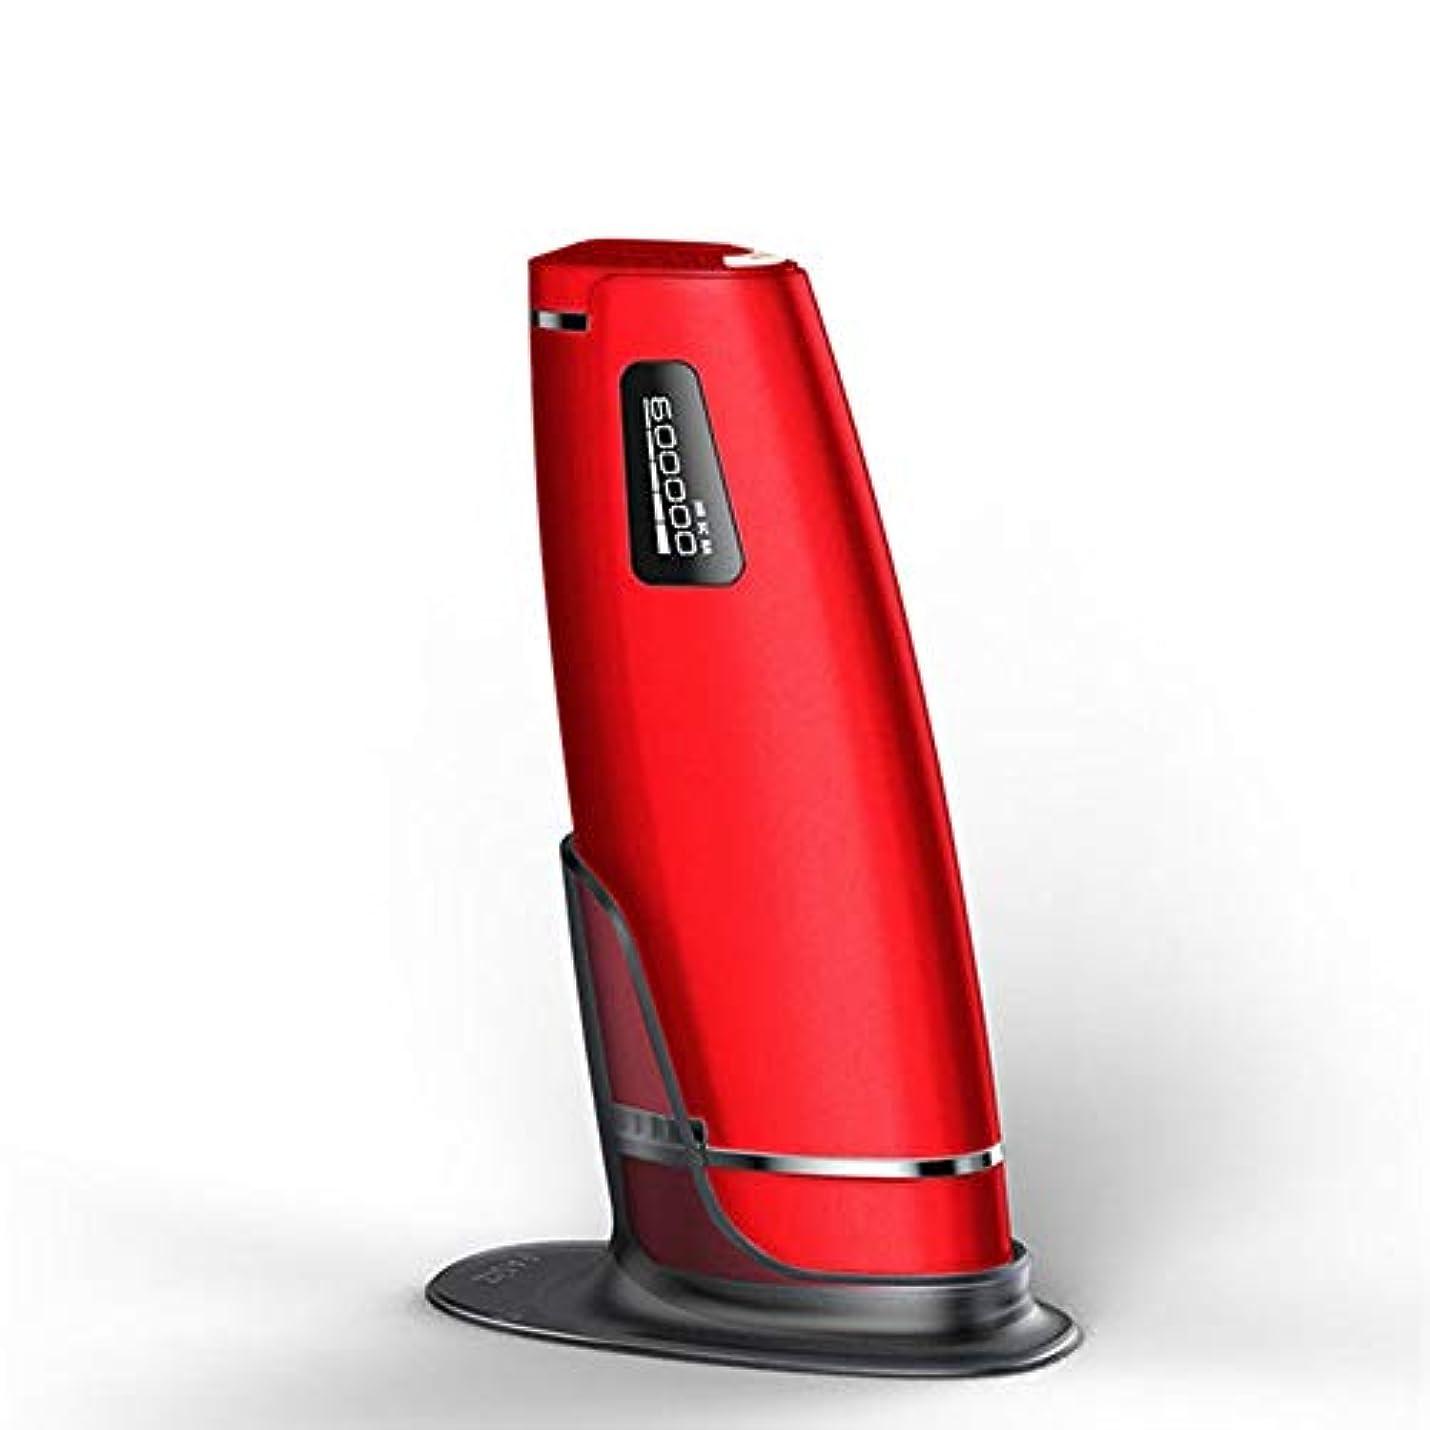 知るユーモアほこりっぽいXihouxian 赤、デュアルモード、ホームオートマチック無痛脱毛剤、携帯用永久脱毛剤、5スピード調整、サイズ20.5 X 4.5 X 7 Cm D40 (Color : Red)